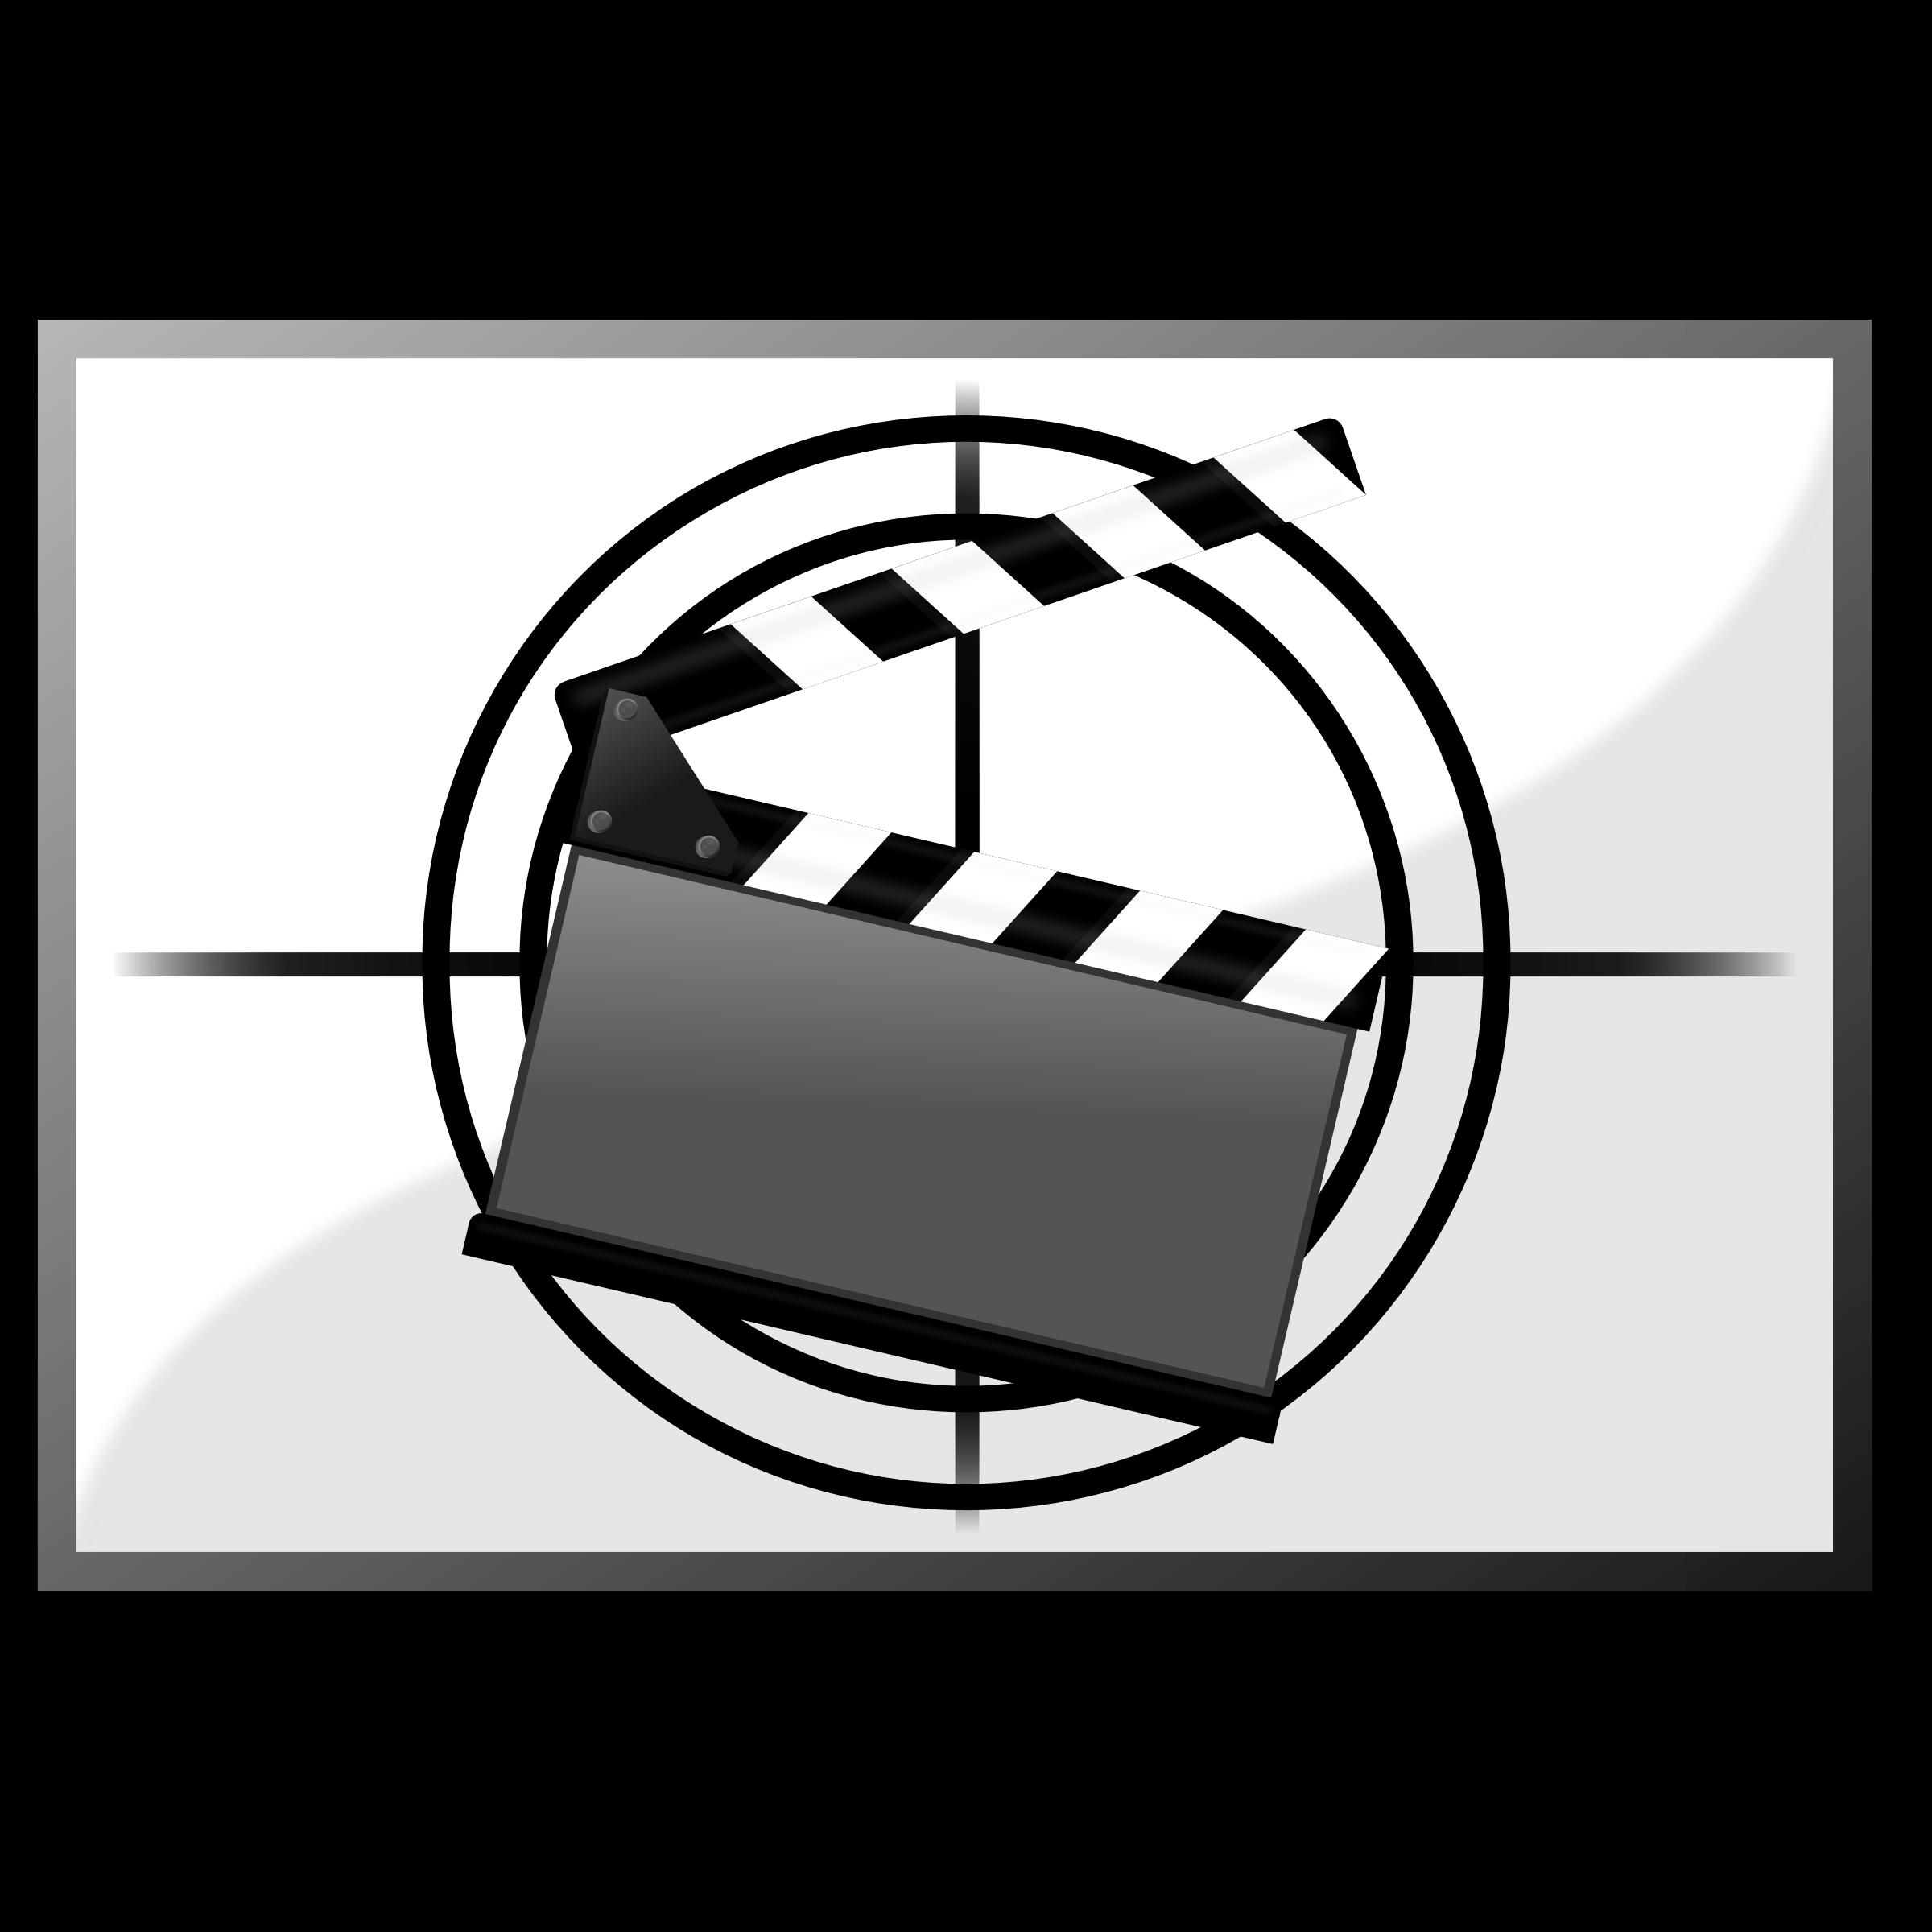 Movie clipart media Clip of Free Film Film